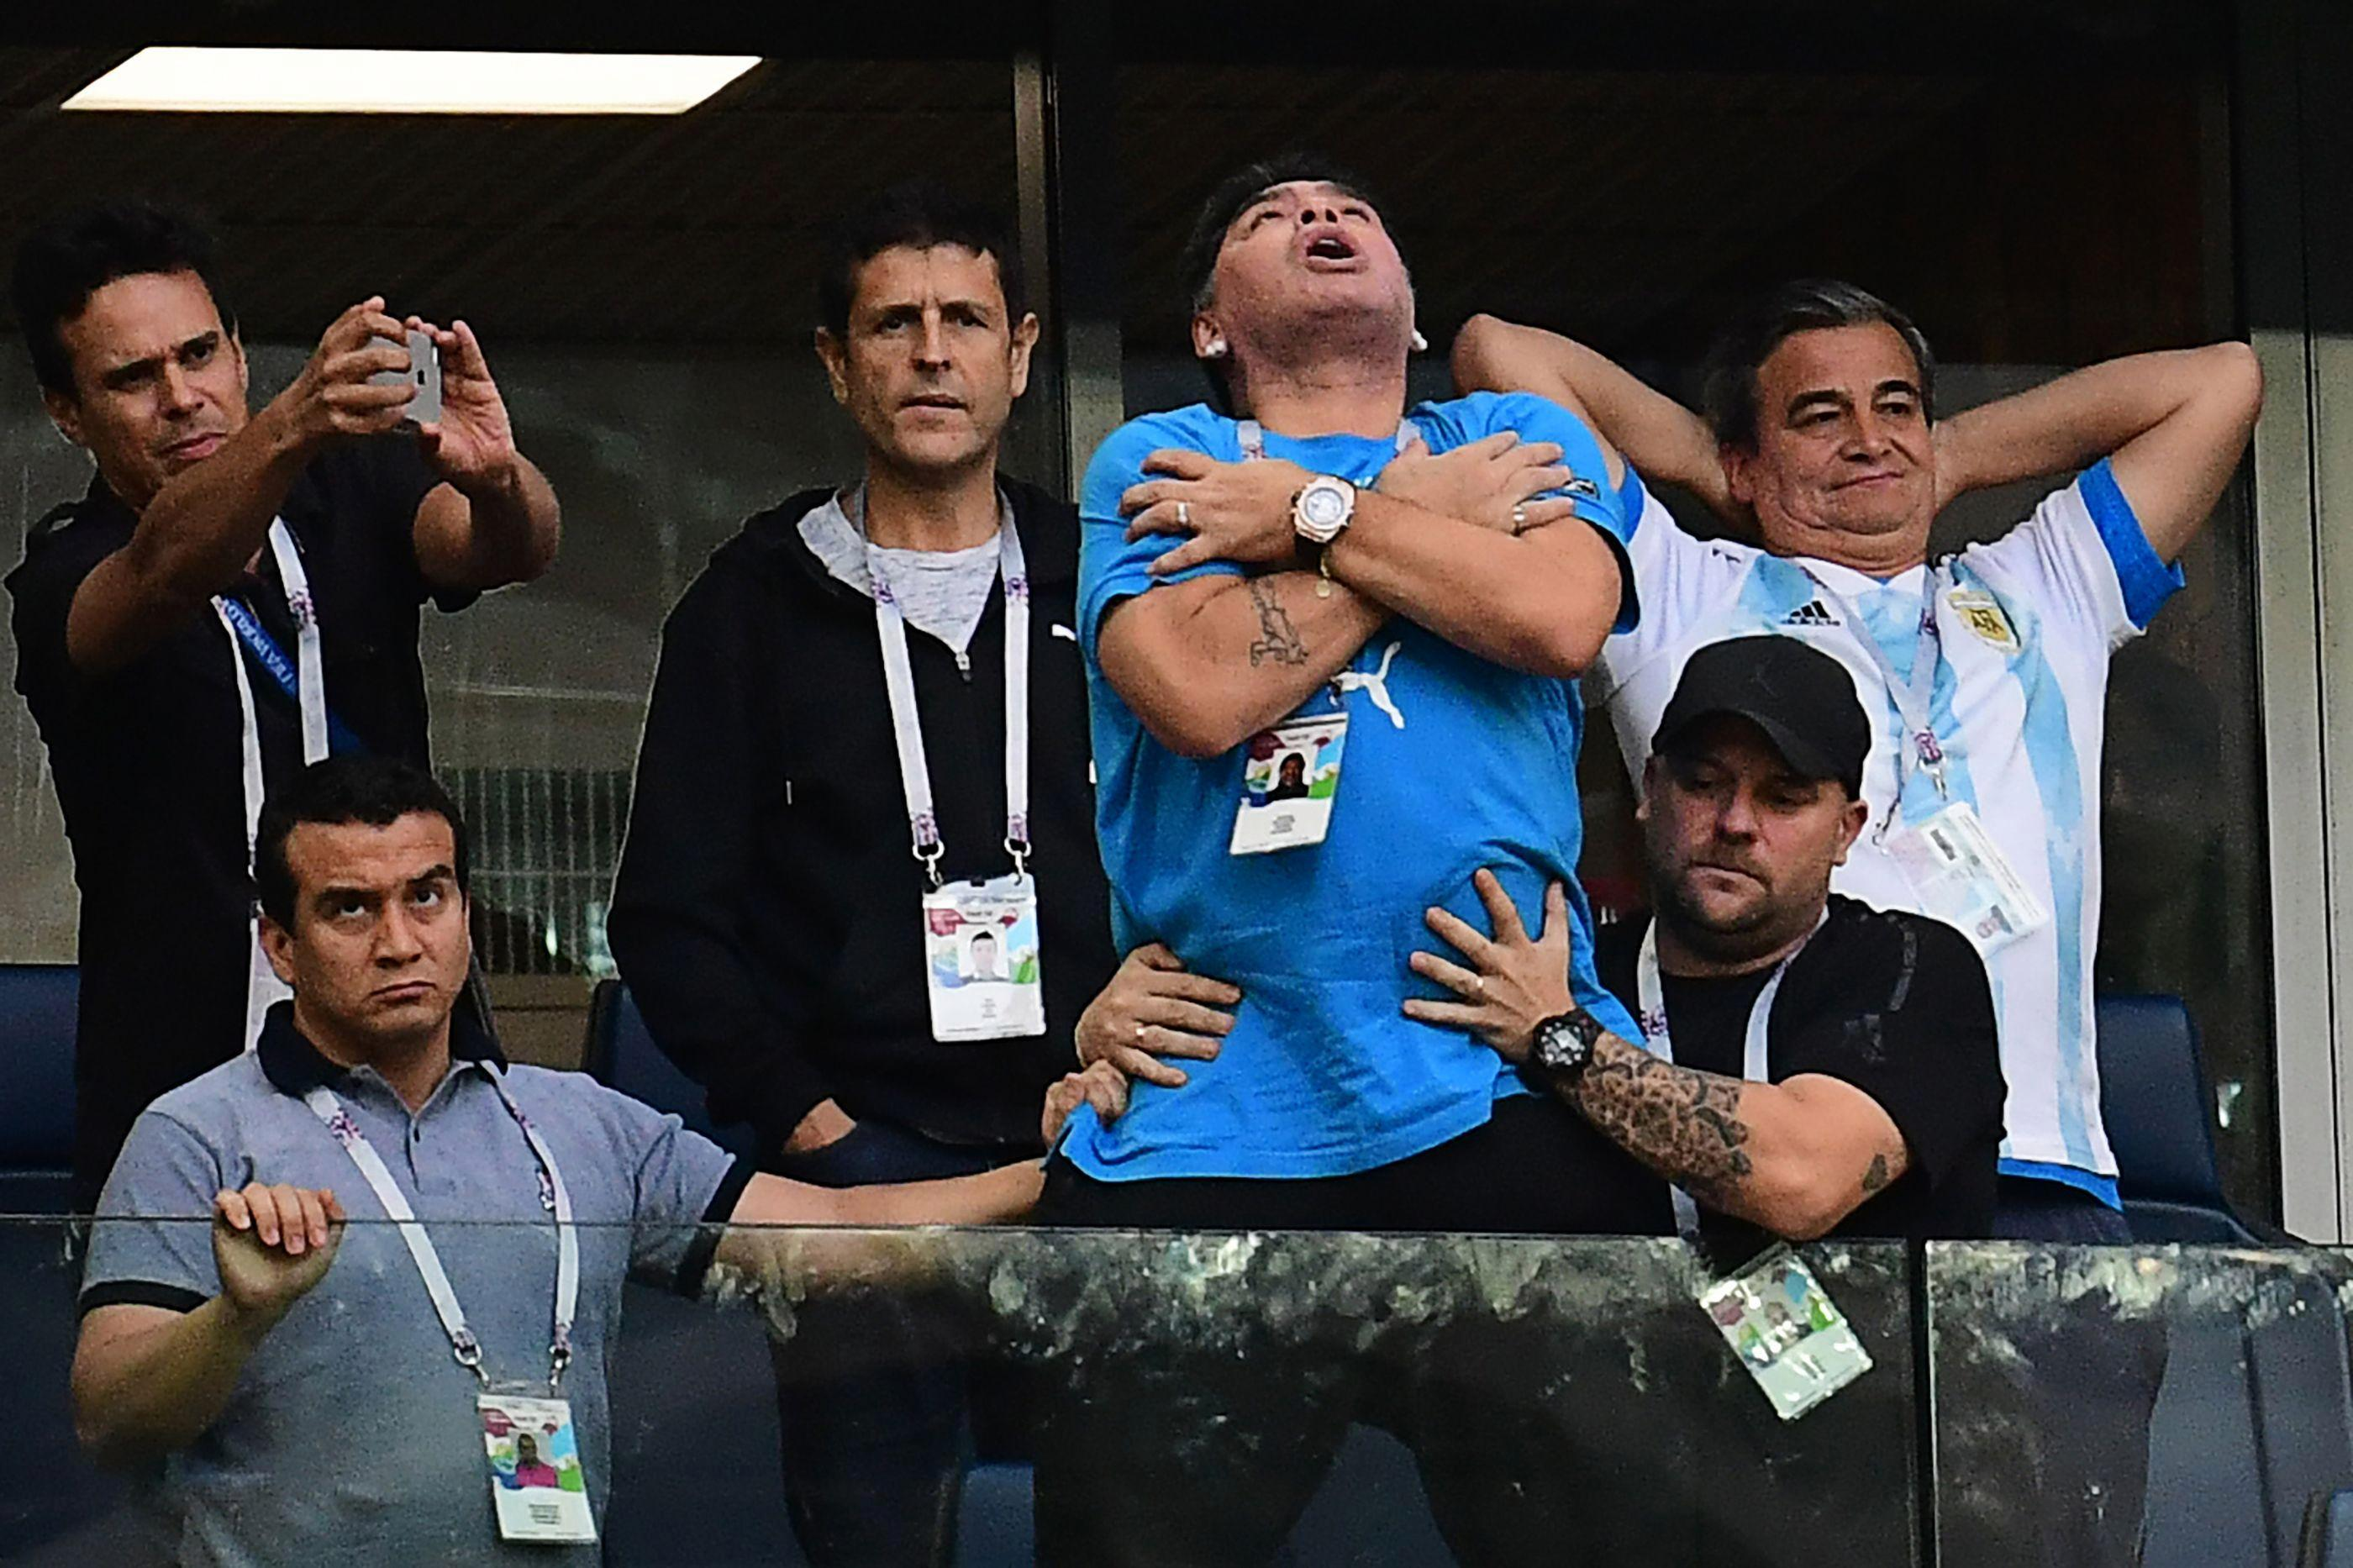 Mùa Hè 2018, tại VCK World Cup ở Nga, trên lô VIP của khán đài, Maradona đã gây chú ý với những biểu hiện kỳ lạ như phê thuốc